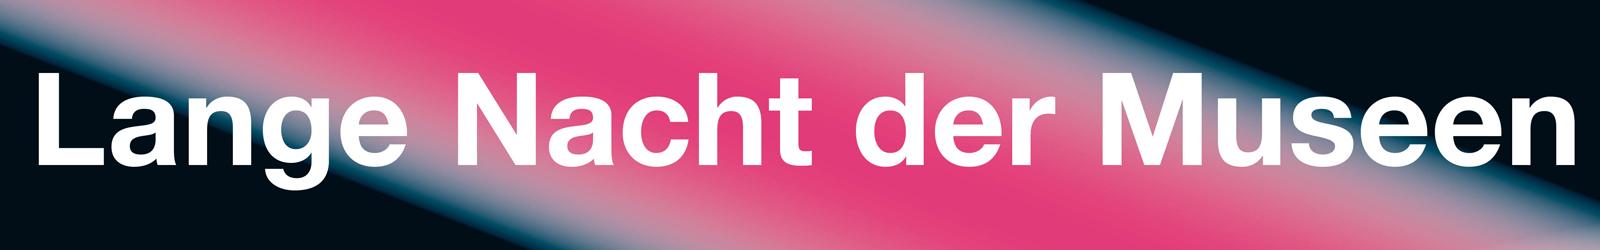 Lange Nacht der Museen Stuttgart